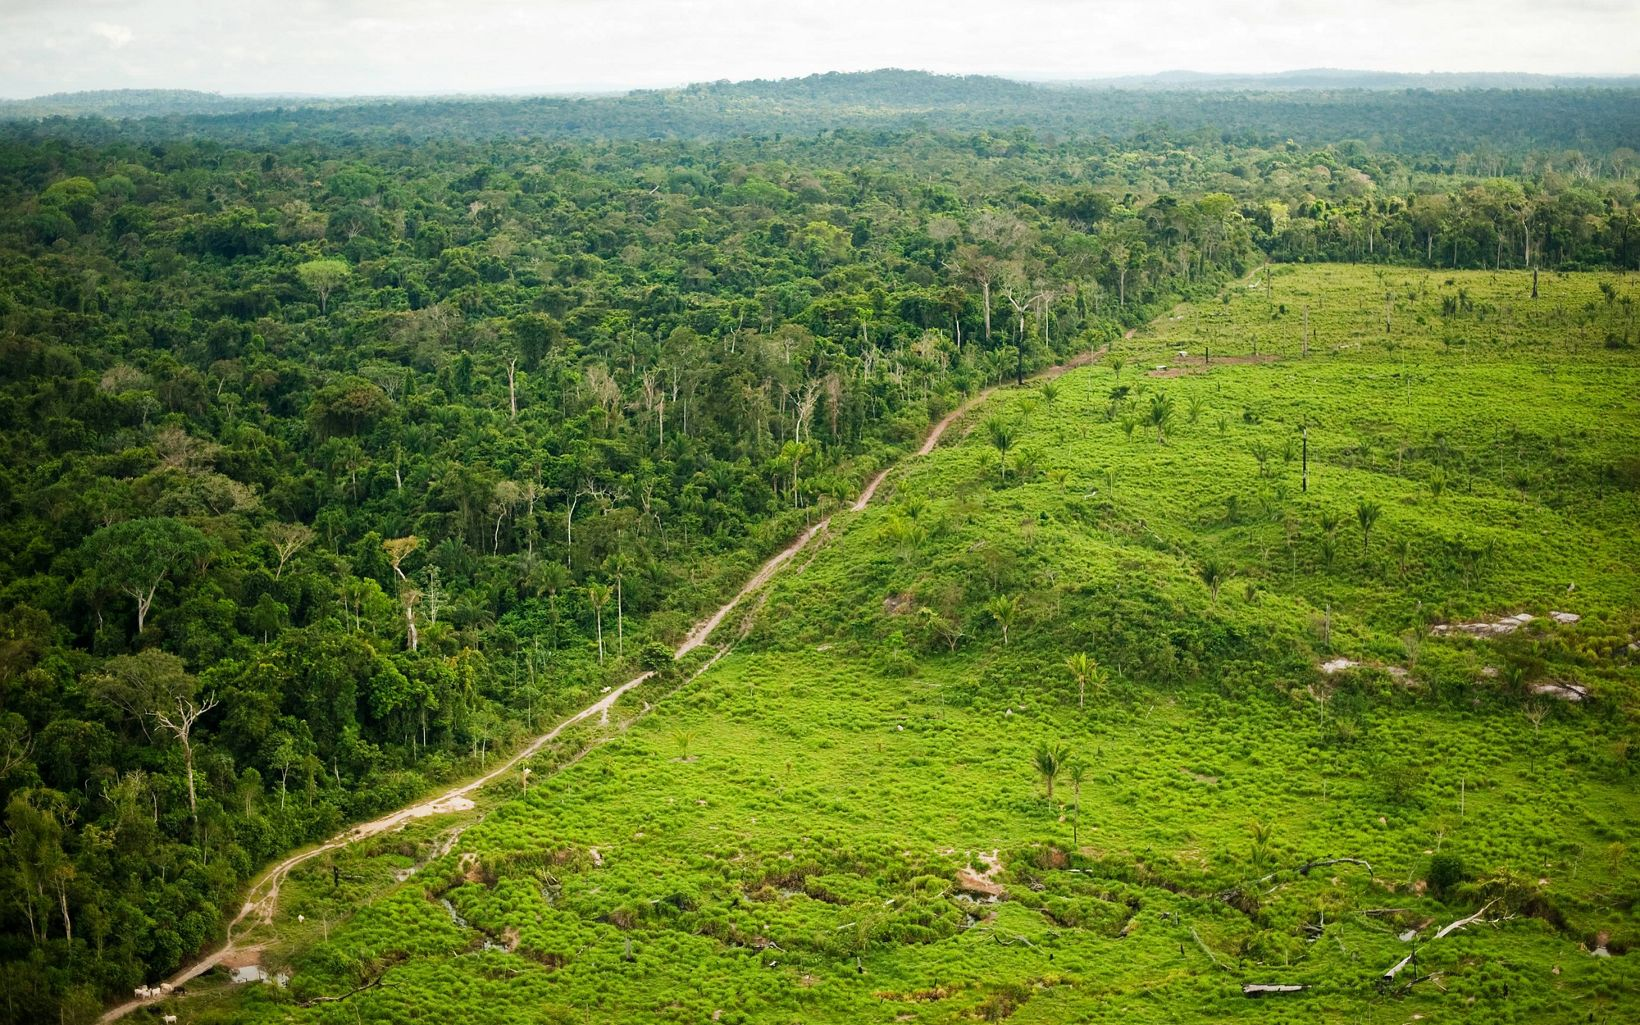 Vista aérea que muestra la deforestación de la ganadería